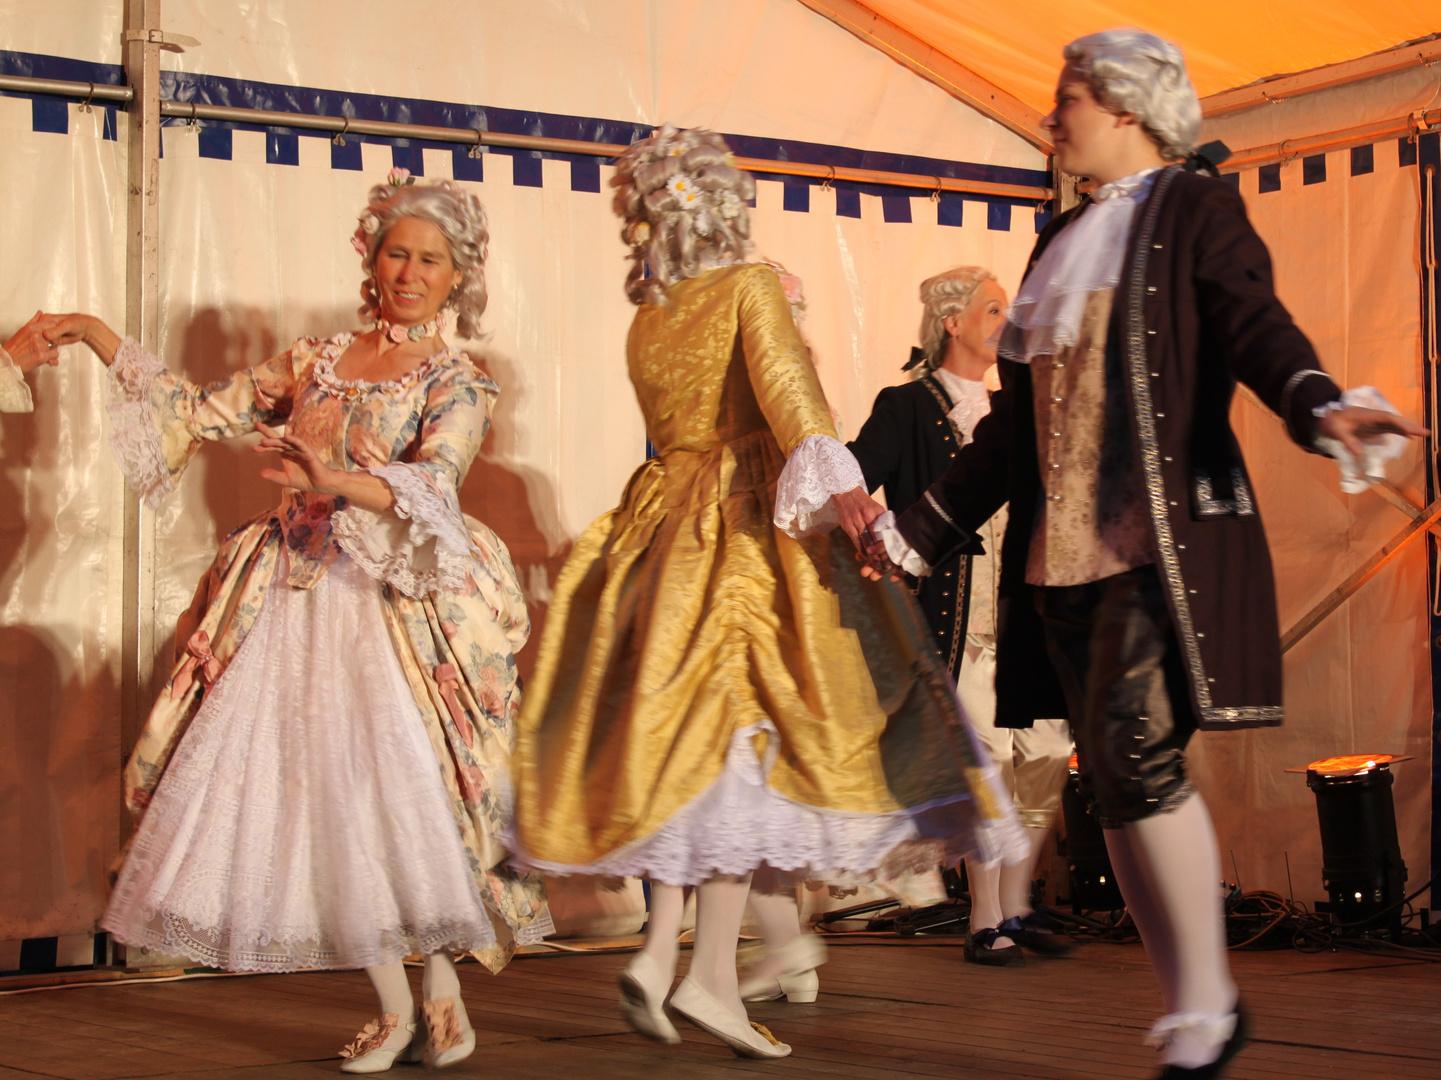 Beschwingte Tänze (und -rinnen) beim diesjährigen Mittsommerfestival zu Bleckede/Elbe